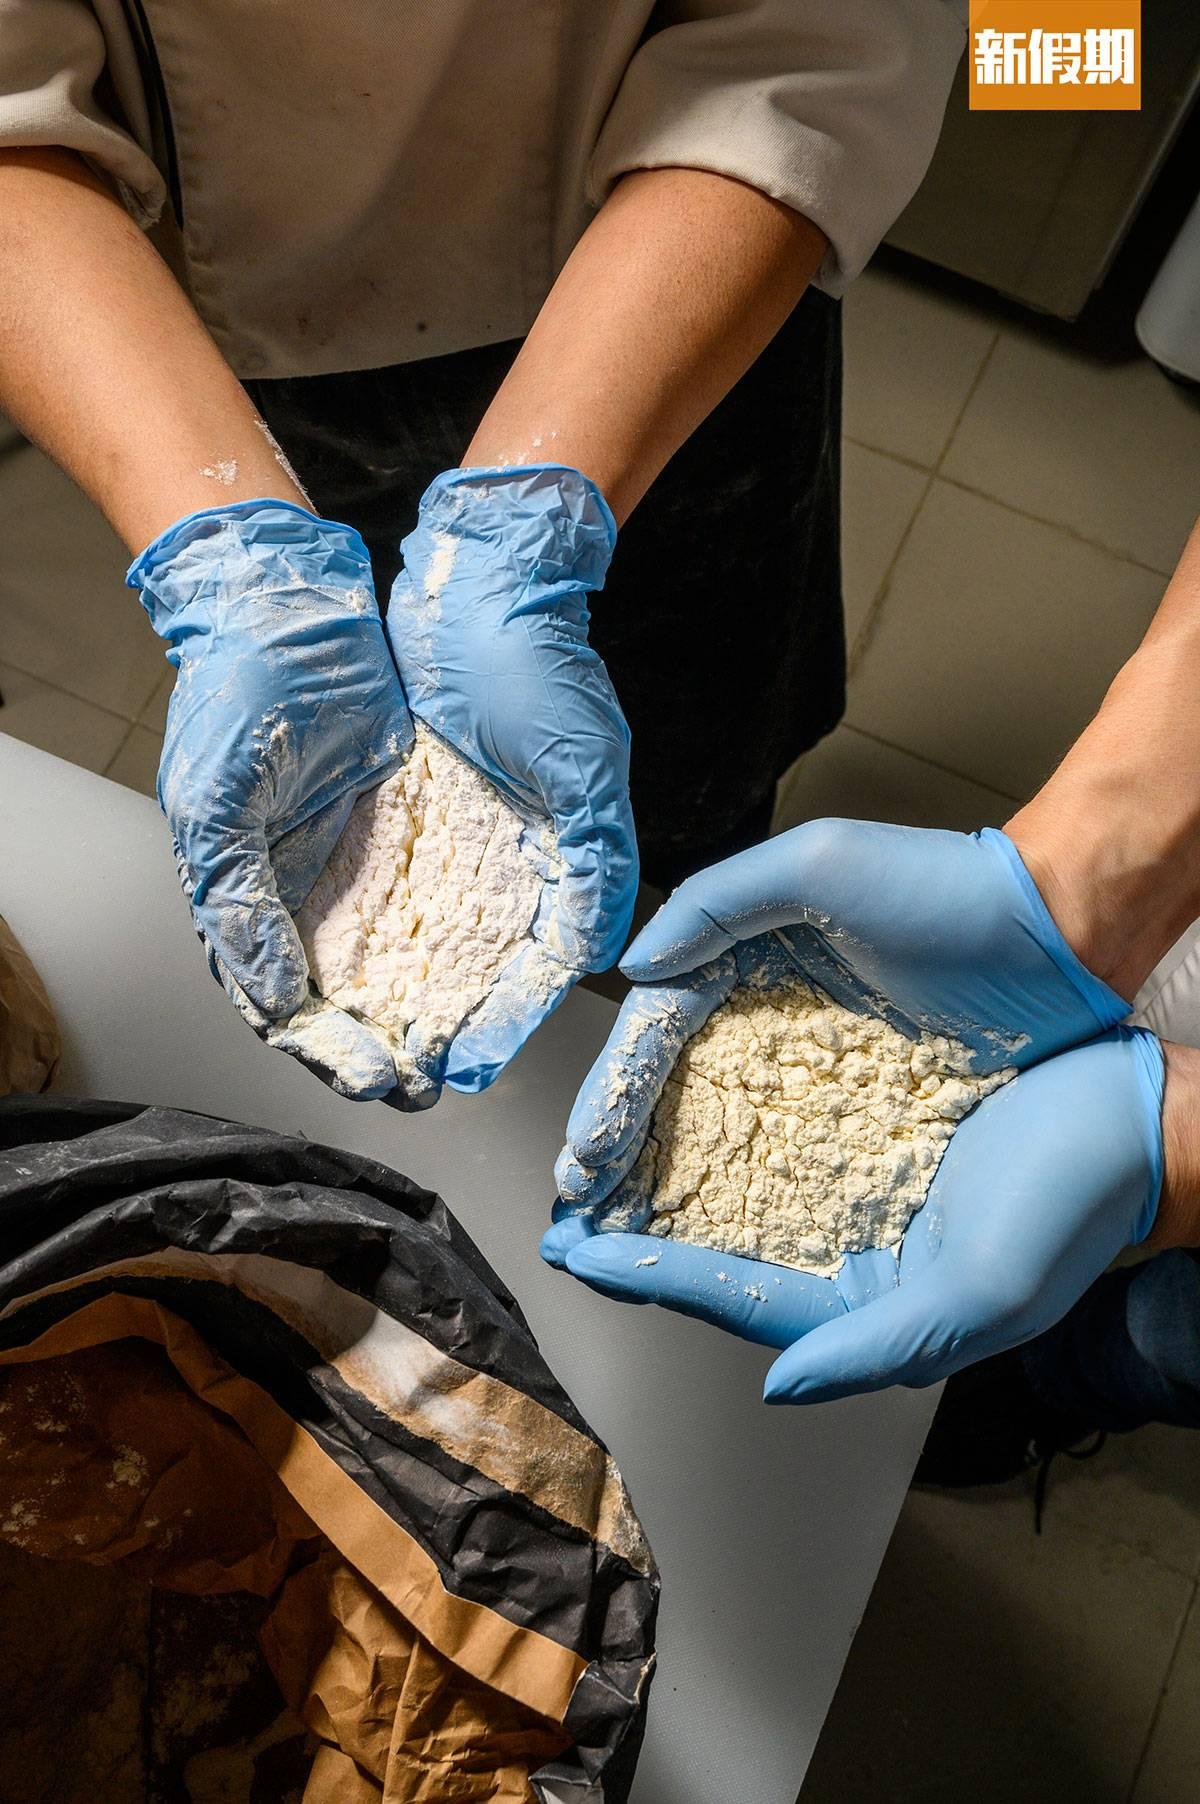 牛角包用上麥香濃重的法國有機麵粉混合口感細膩的日本麵粉,互相配合,令口感更細膩。